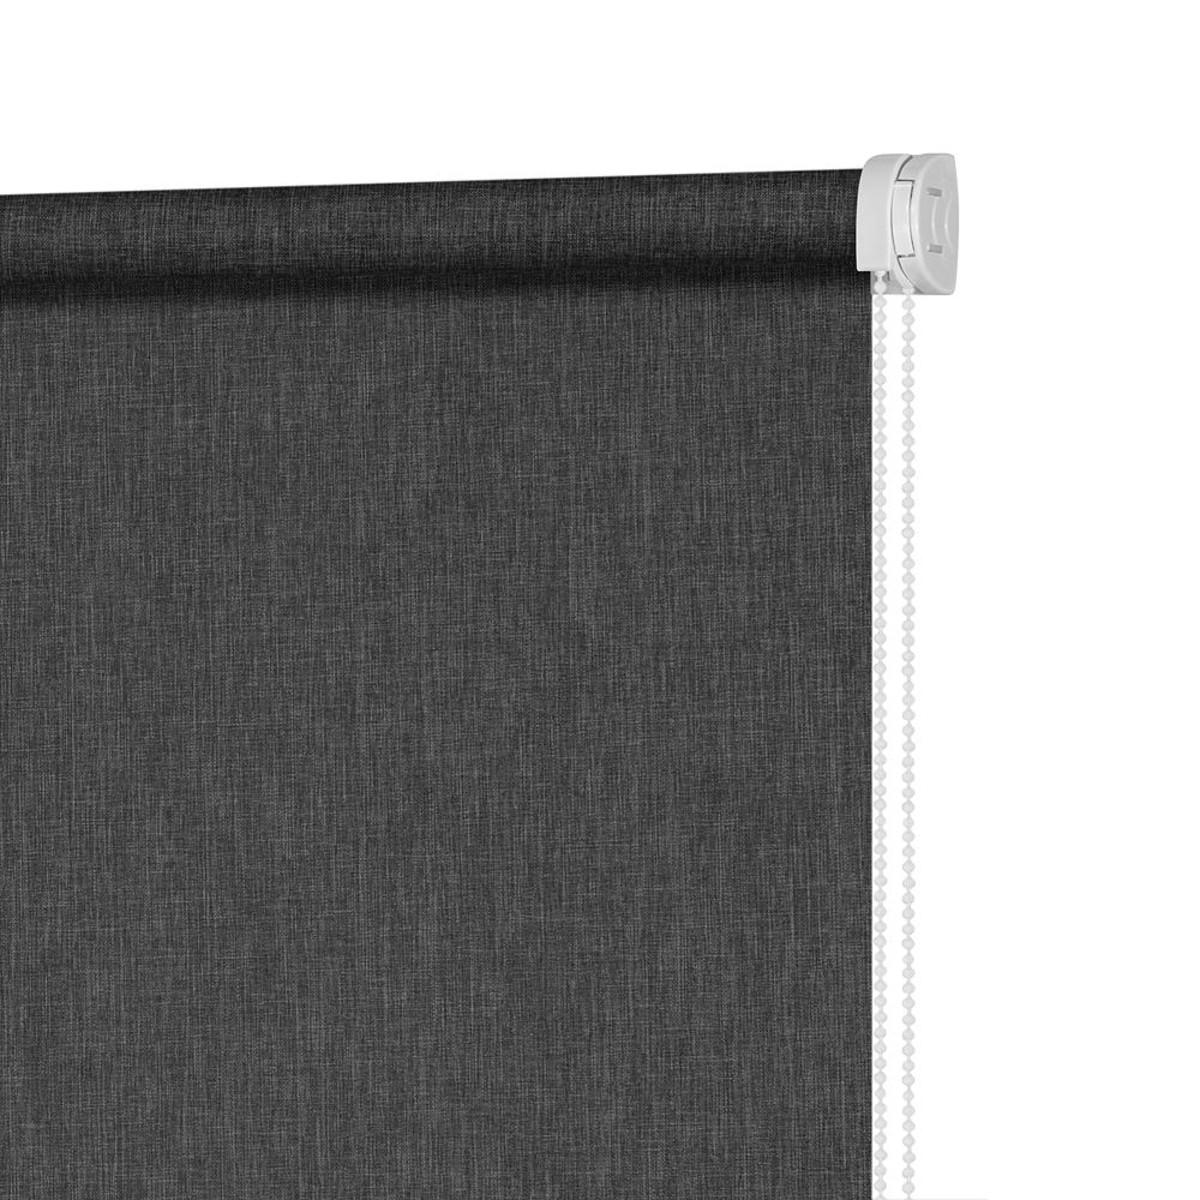 Рулонная Ора Decofest Меланж 90Х160 Цвет Серый